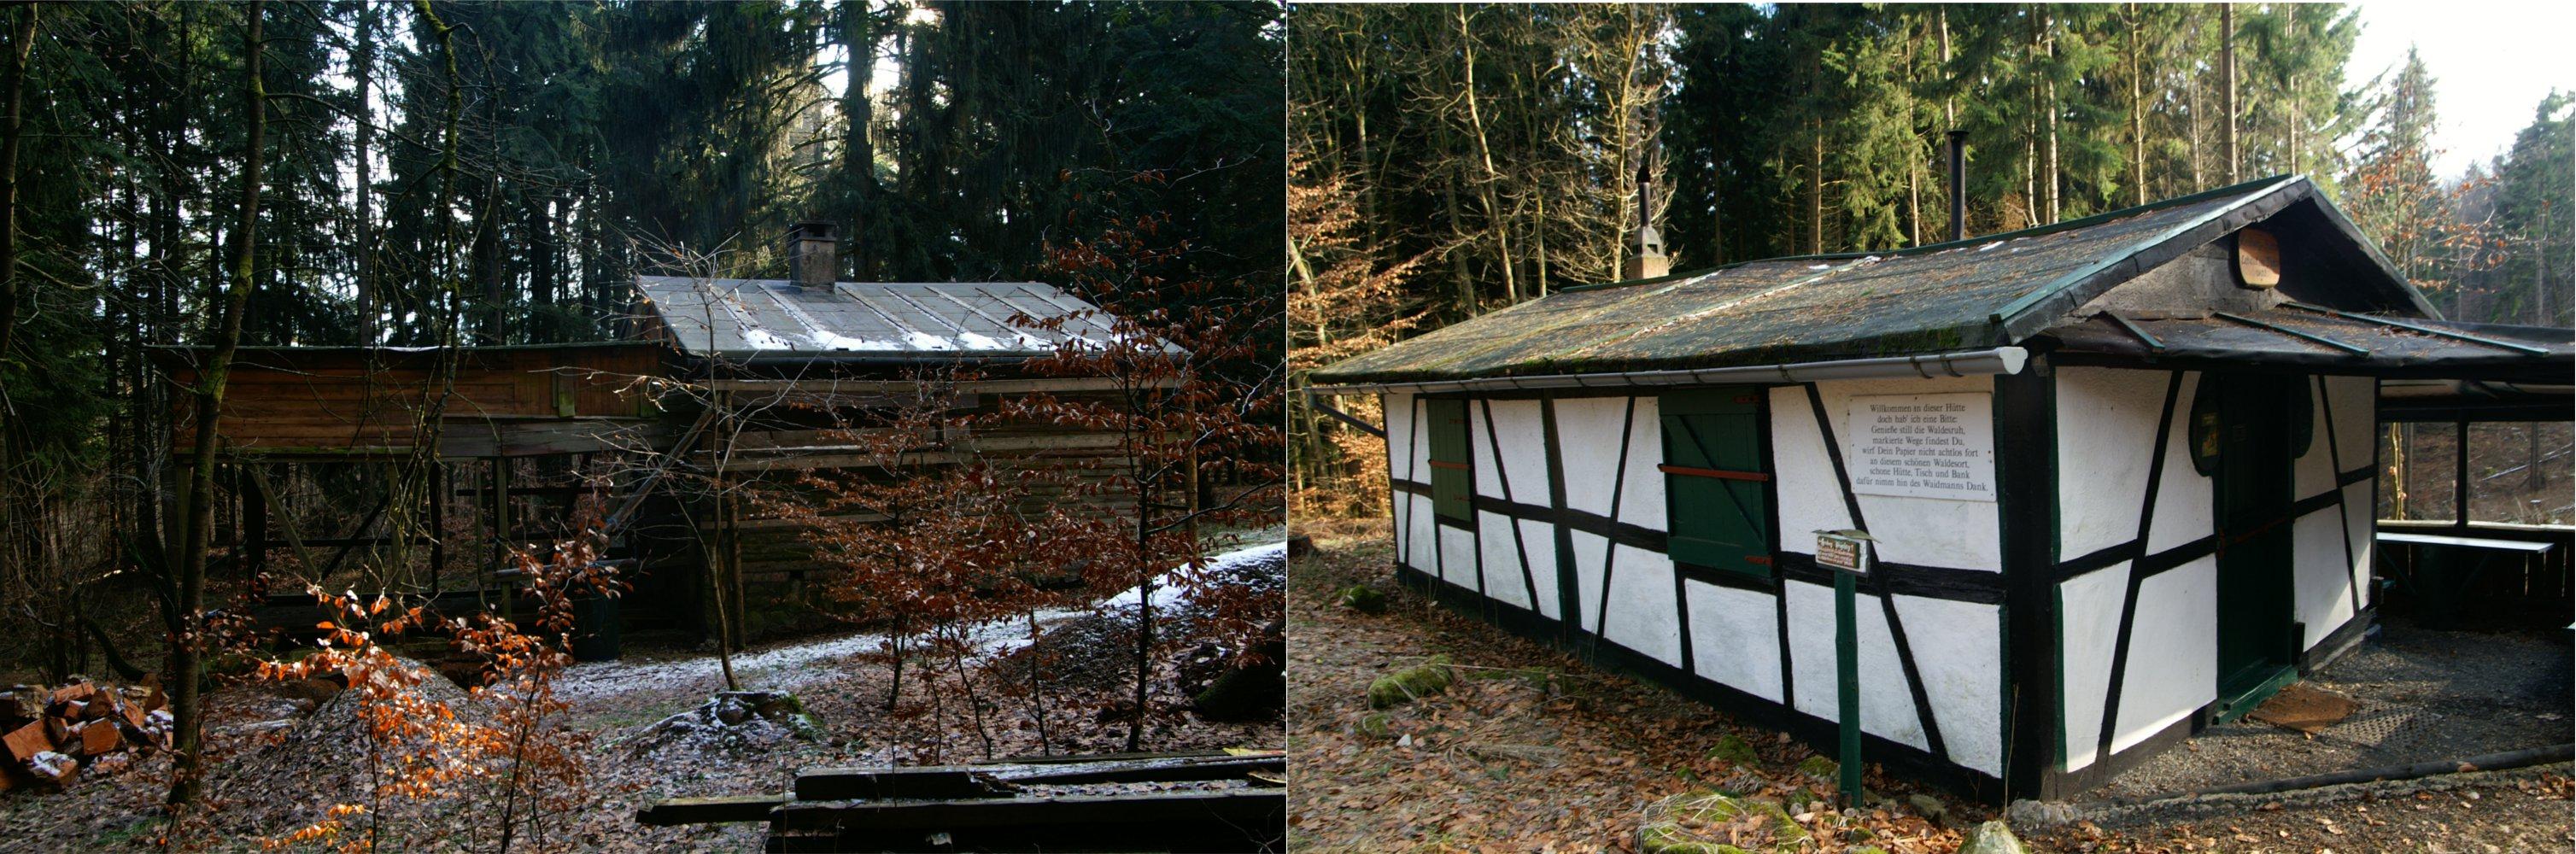 Streit um geplante Sanierung einer Schutzhütte in Mittelhessen im so genannten Außenbereich hat das Zeug für einen Präzedenzfall